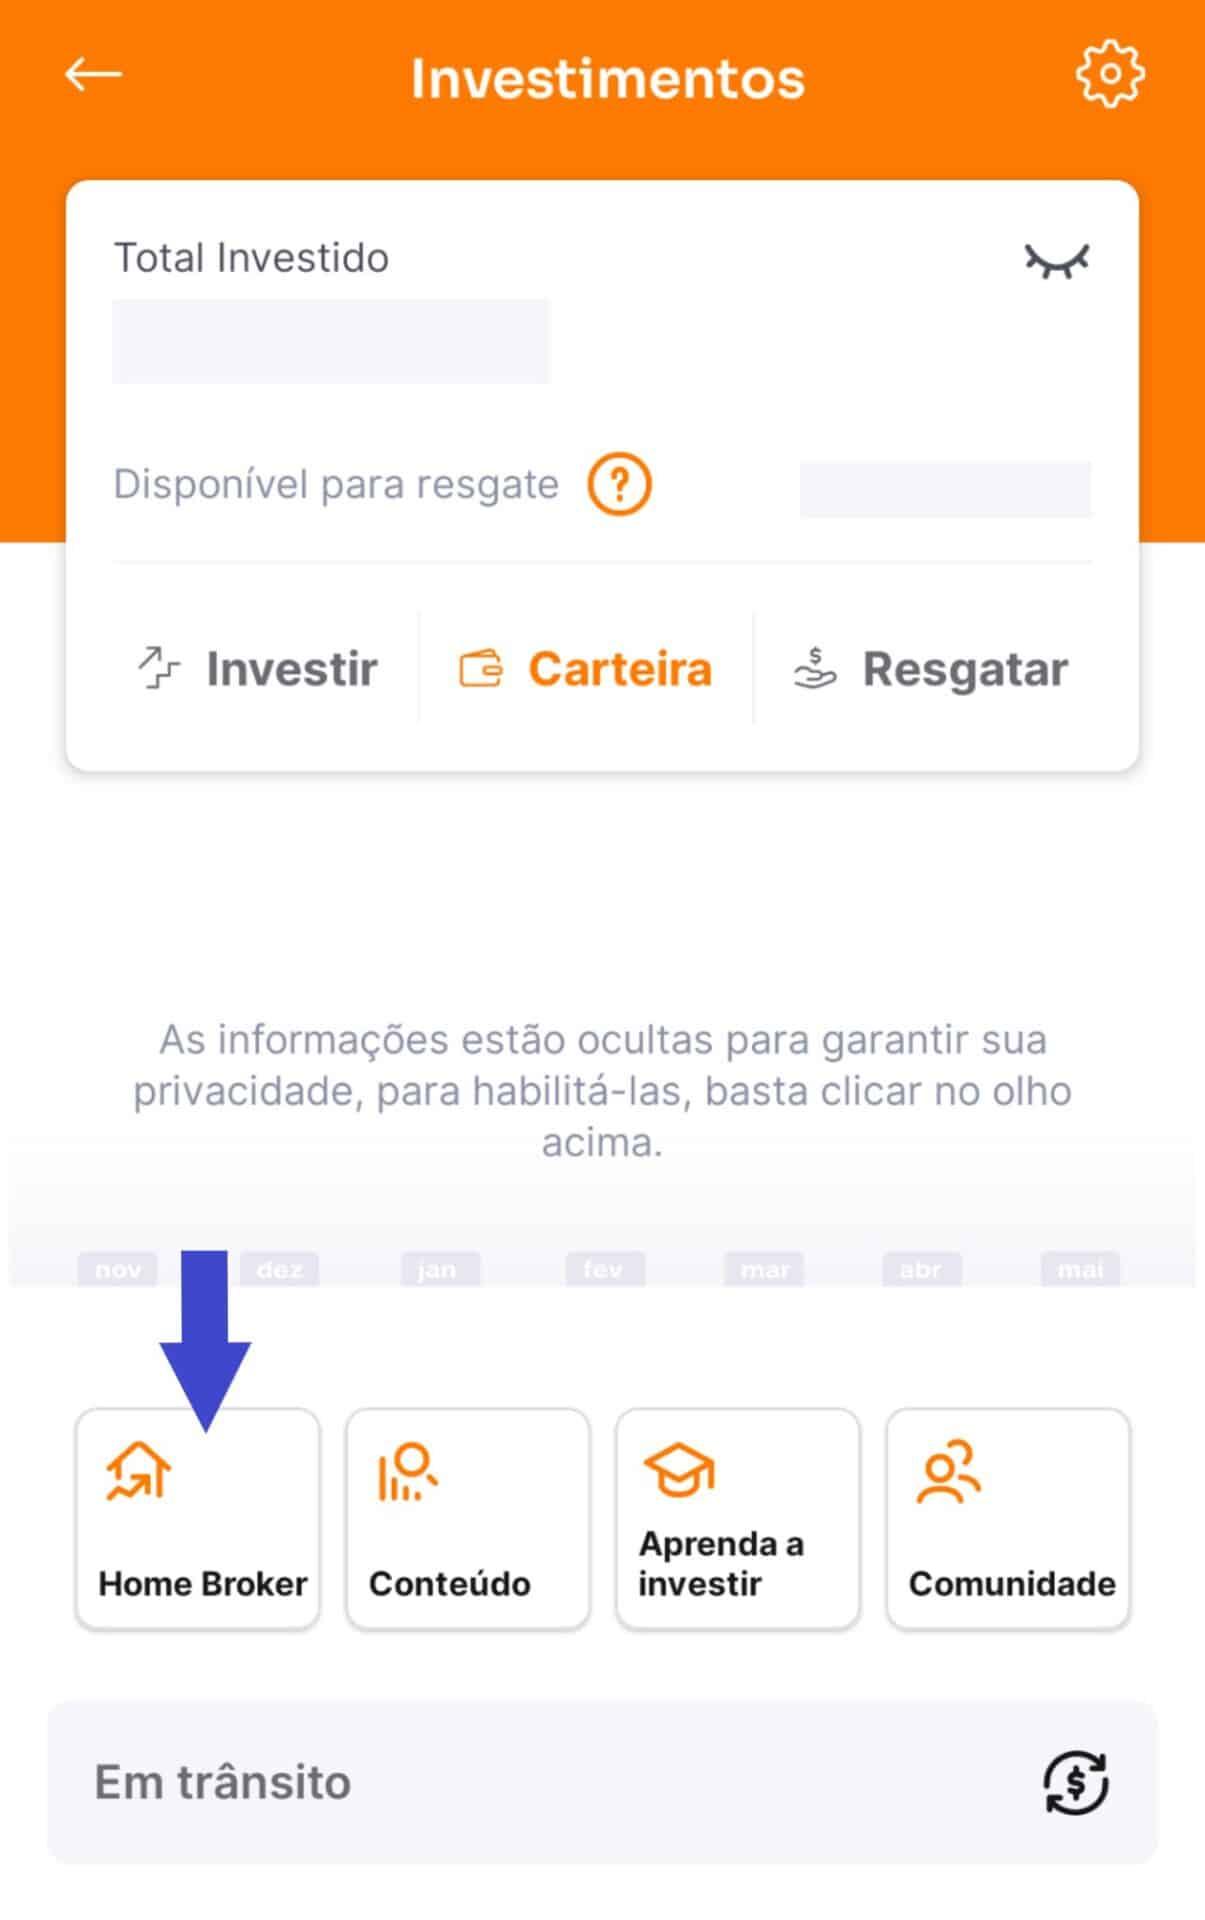 captura de tela da página de investimentos do banco inter